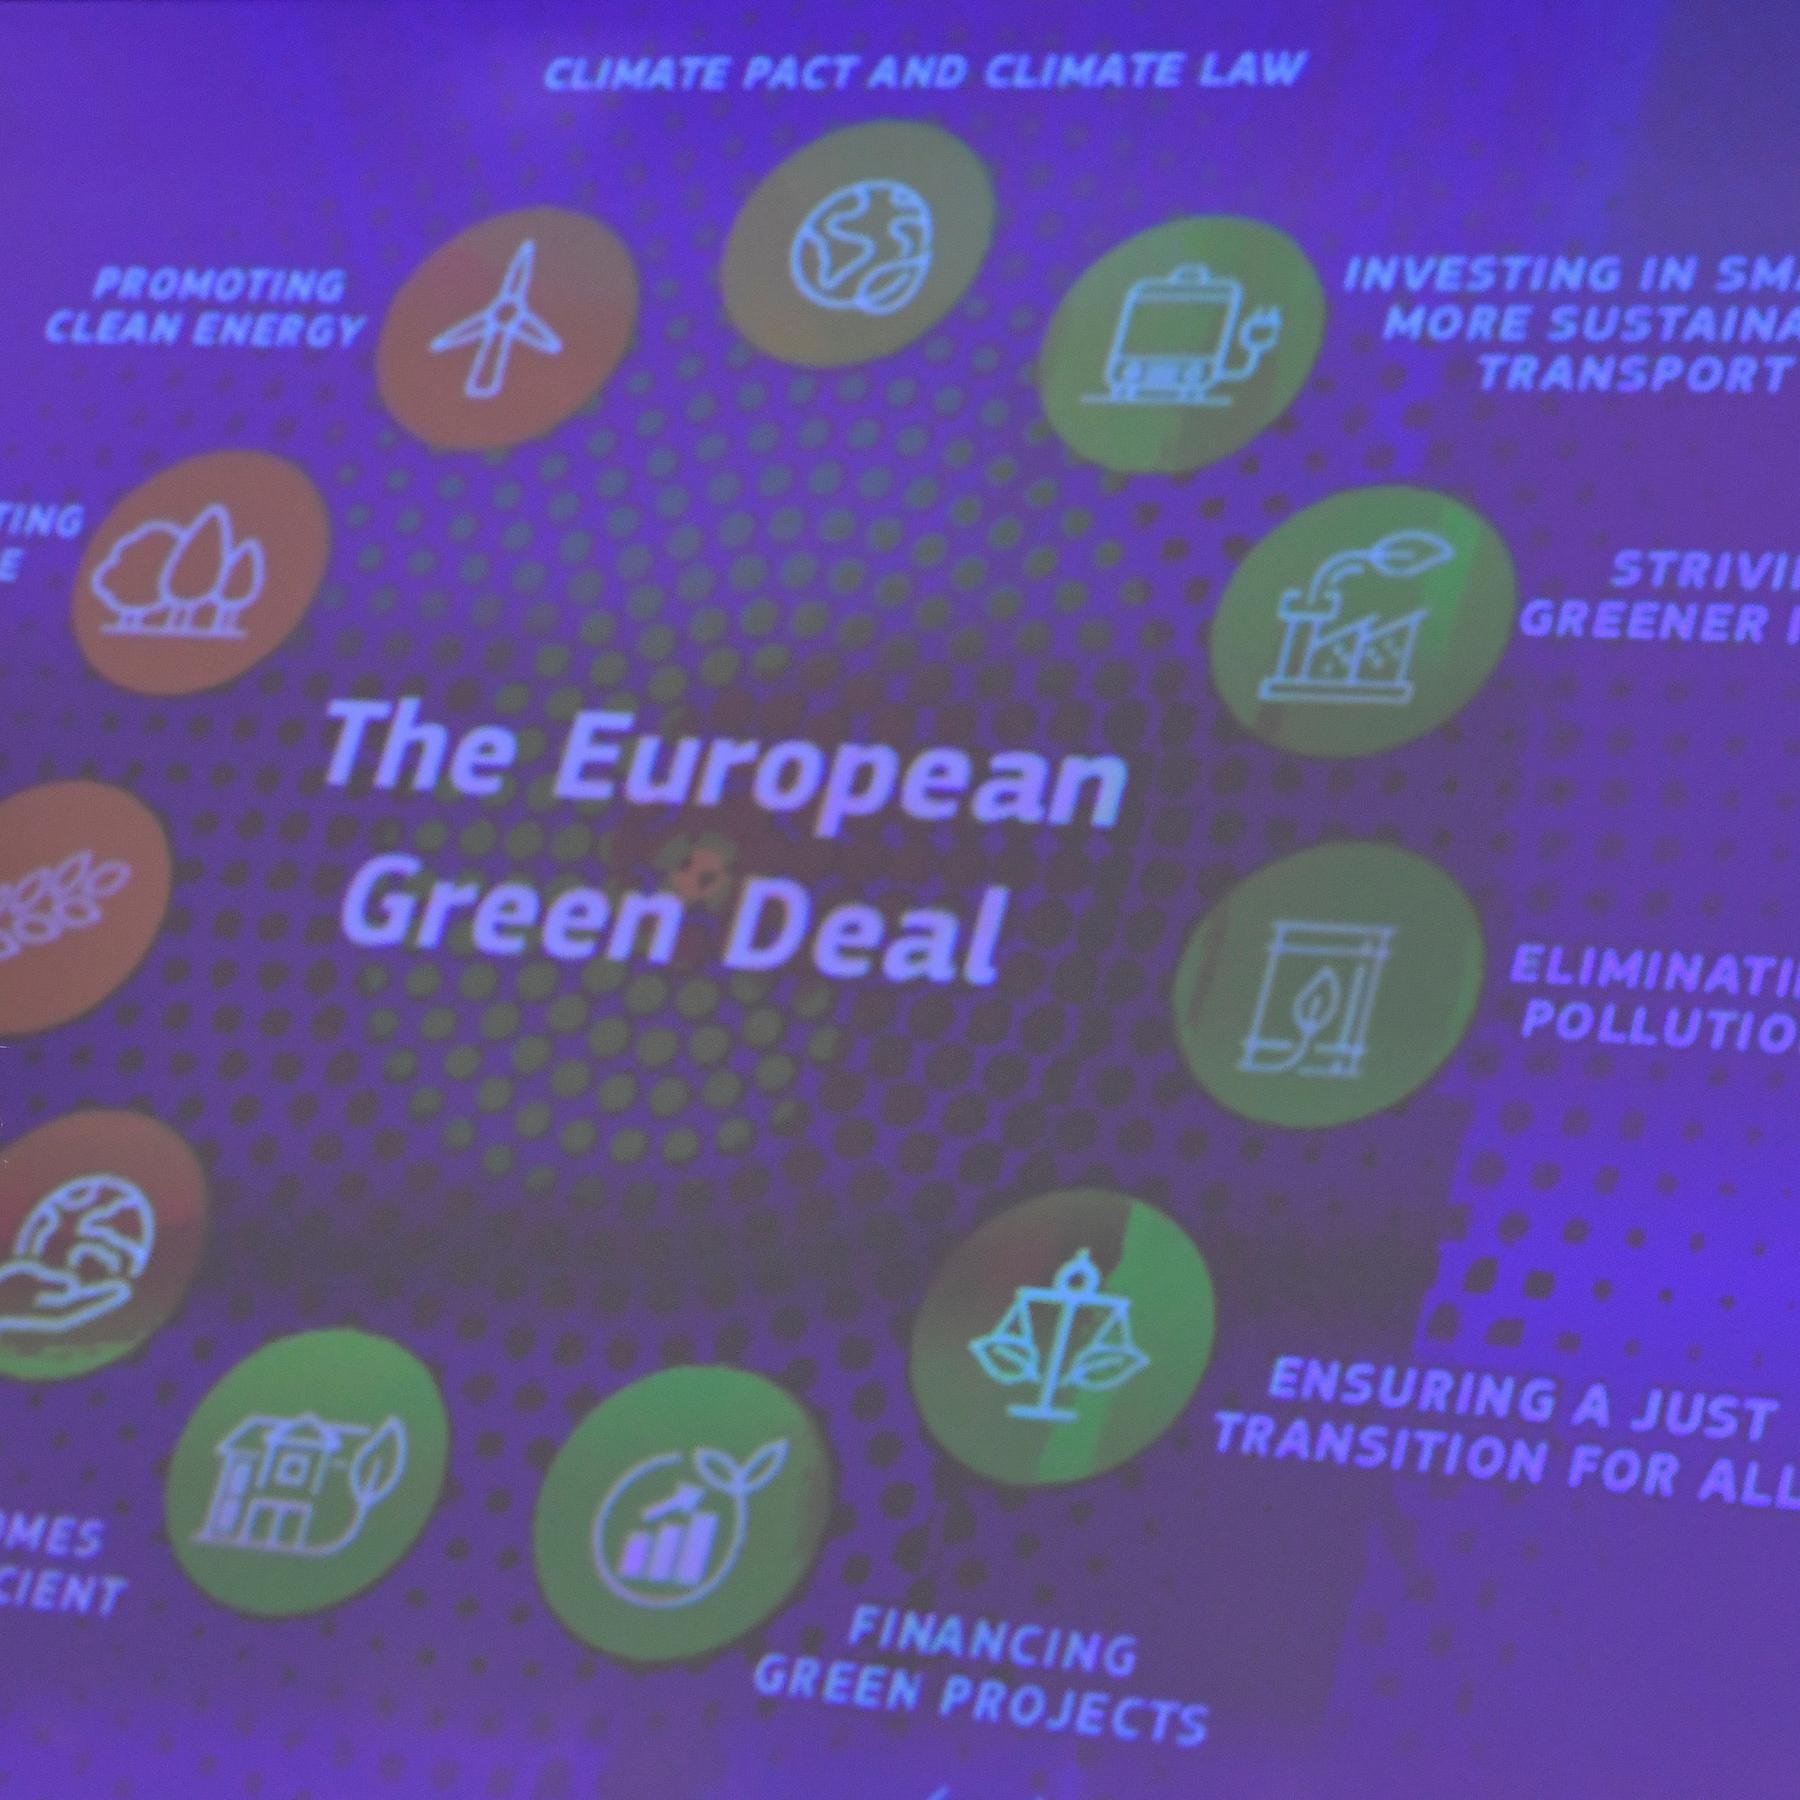 Nachhaltige Chemikalien - Nur noch umweltverträgliche Stoffe in Europa?